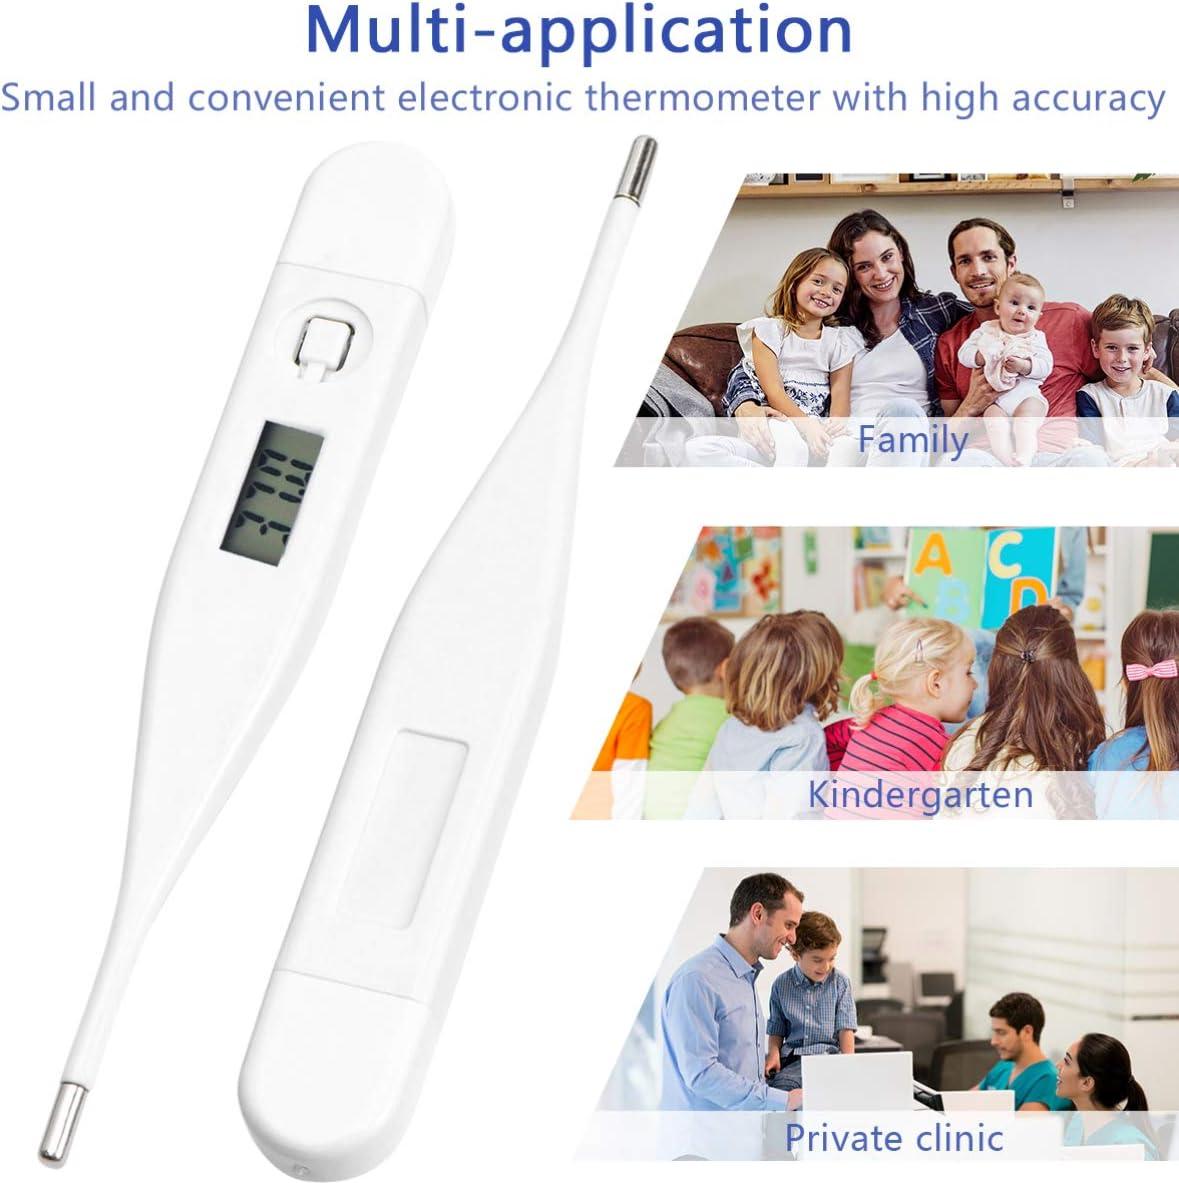 Digitales Thermometer Medizinisches K/örperthermometer f/ür Die Rektale Temperatur Der Achselh/öhle Zur Messung Der Zuf/älligen Farbe